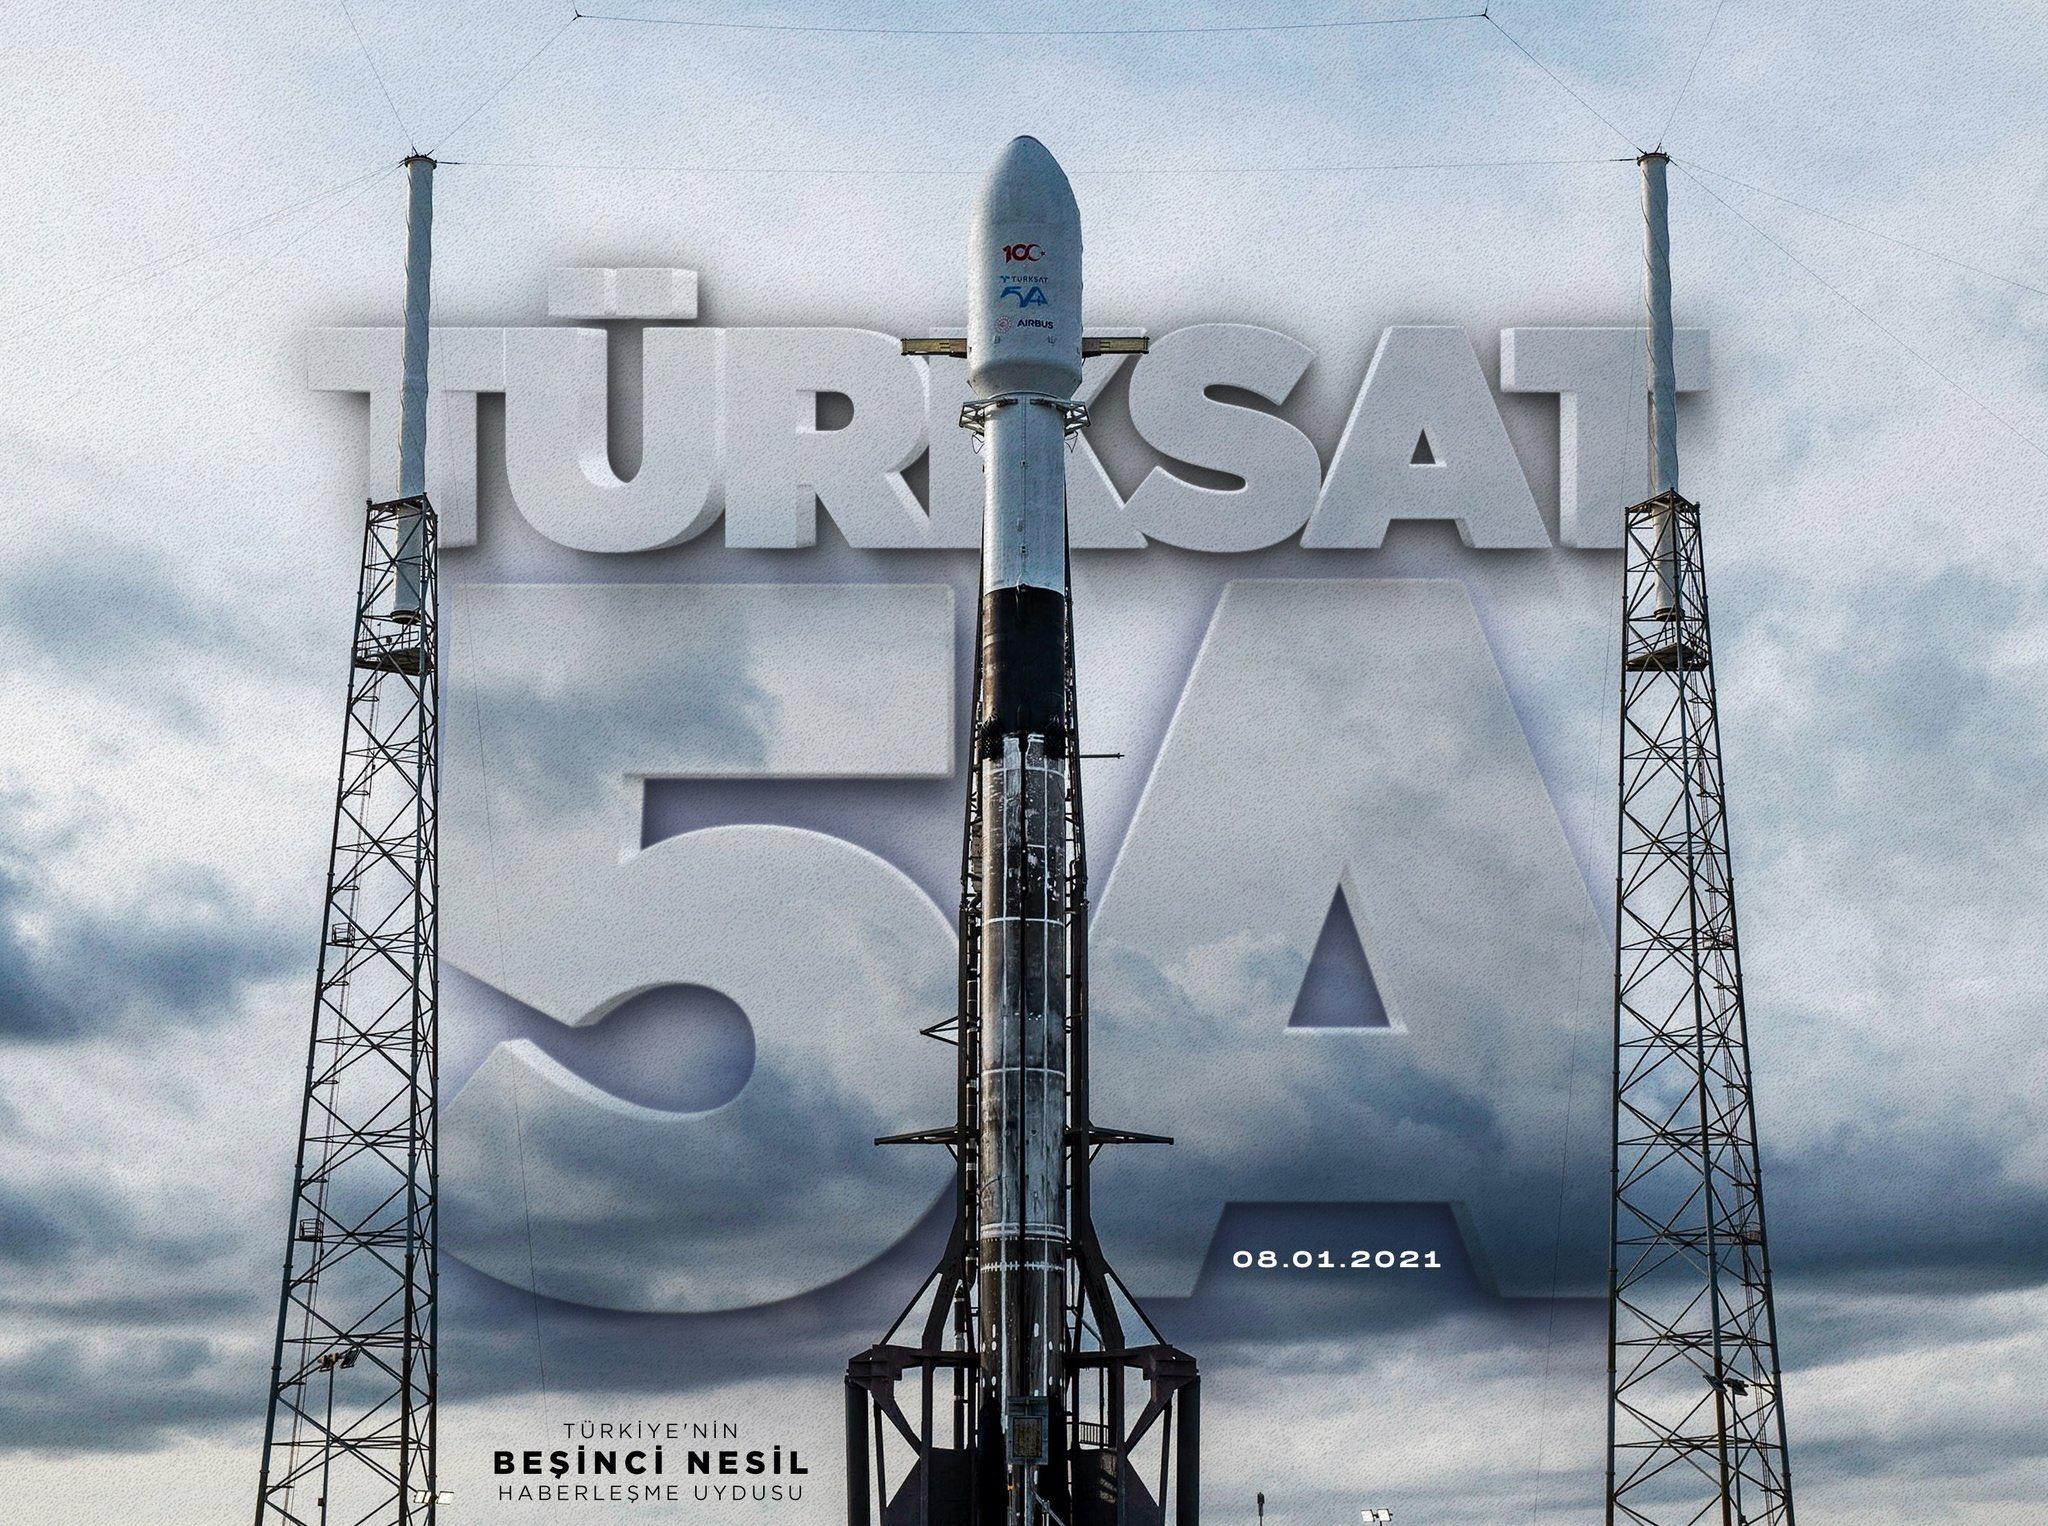 Türkiye'nin yeni Türksat 5A Uydusu, ABD'den fırlatıldı